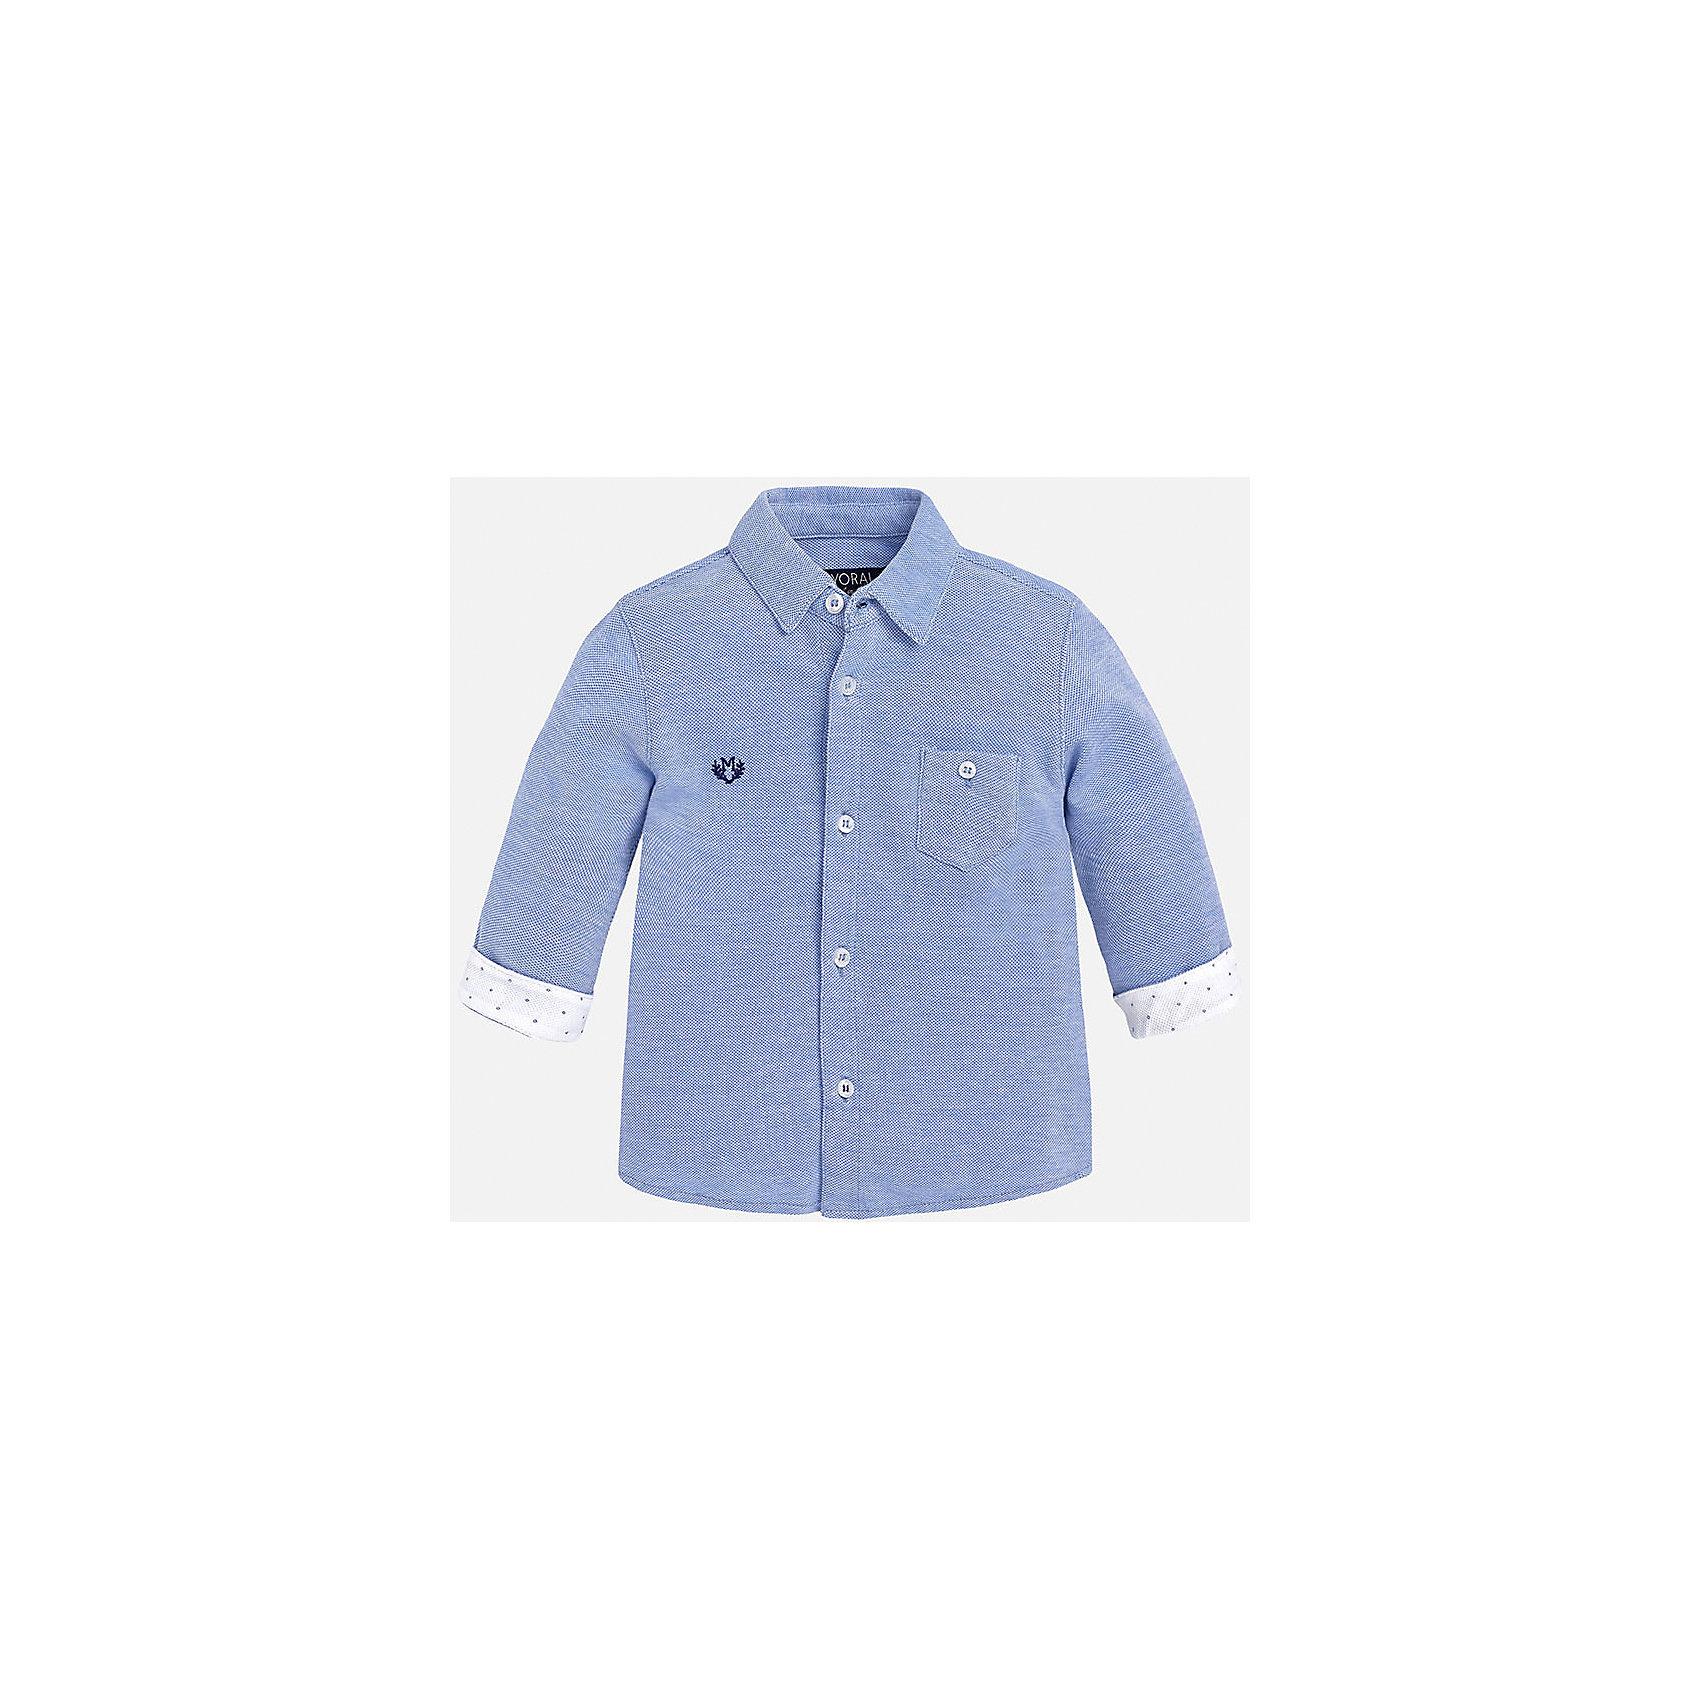 Рубашка для мальчика MayoralБлузки и рубашки<br>Рубашка для мальчика от известного испанского бренда Mayoral. Рубашка изготовлена из 100% хлопка с простым узором в горошек на манжетах. Застегивается на пуговицы, на груди есть карман и эмблема фирмы. Прекрасно подойдет и для важных мероприятий, и на каждый день!<br>Дополнительная информация:<br>-прямой силуэт<br>-слегка укороченные рукава<br>-карман и эмблема фирмы на груди<br>-застегивается на пуговицы<br>-цвет: голубой<br>-состав: 100% хлопок<br>Рубашку Mayoral можно приобрести в нашем интернет-магазине.<br><br>Ширина мм: 174<br>Глубина мм: 10<br>Высота мм: 169<br>Вес г: 157<br>Цвет: фиолетовый<br>Возраст от месяцев: 12<br>Возраст до месяцев: 15<br>Пол: Мужской<br>Возраст: Детский<br>Размер: 80,92,86,74<br>SKU: 4820580